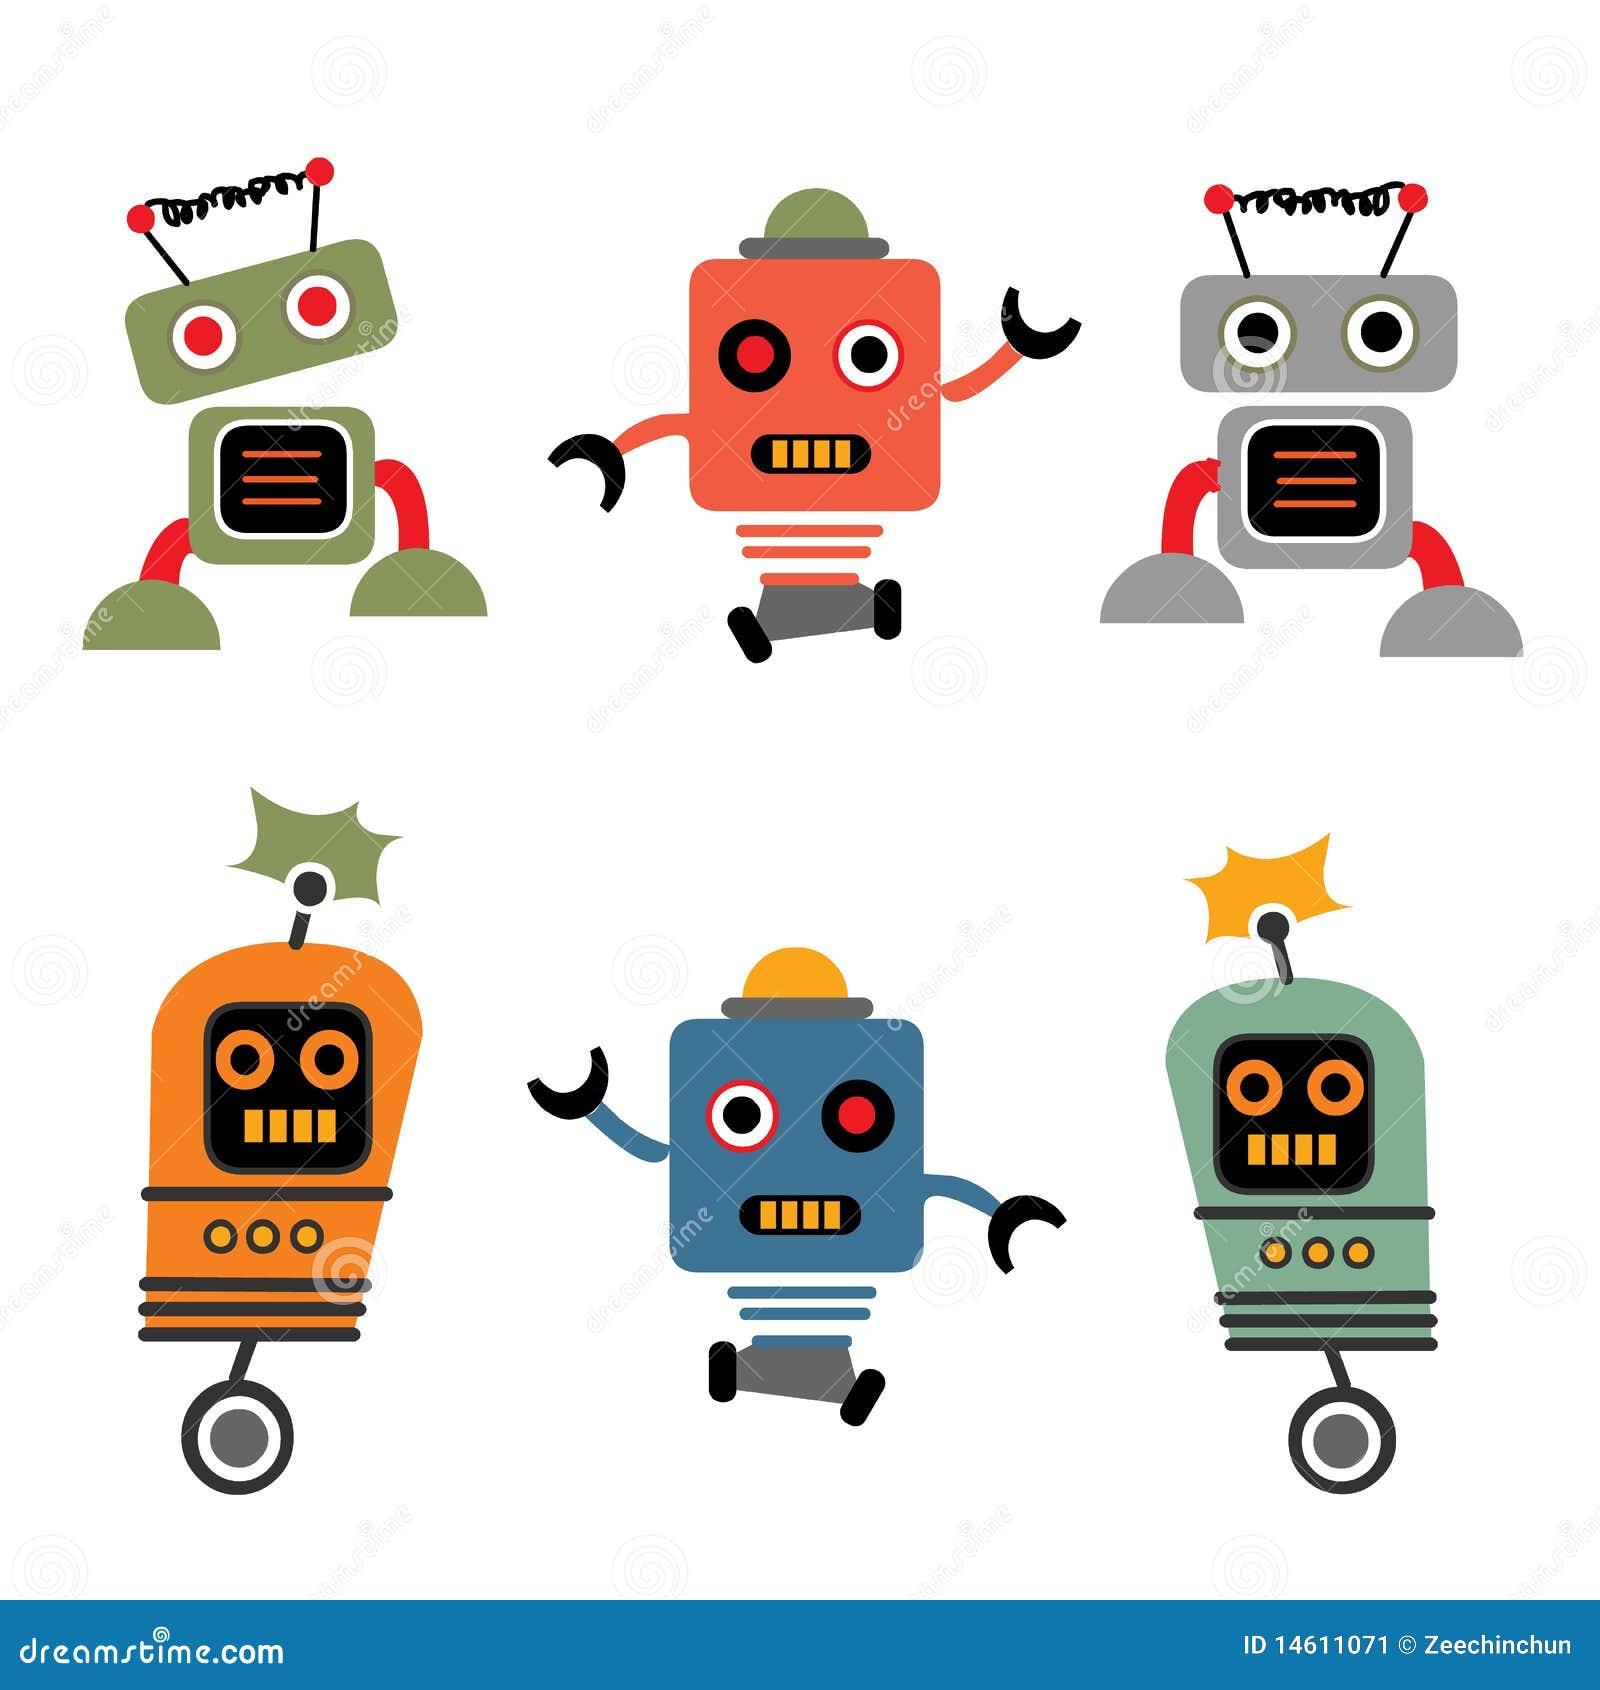 Symbolsrobot